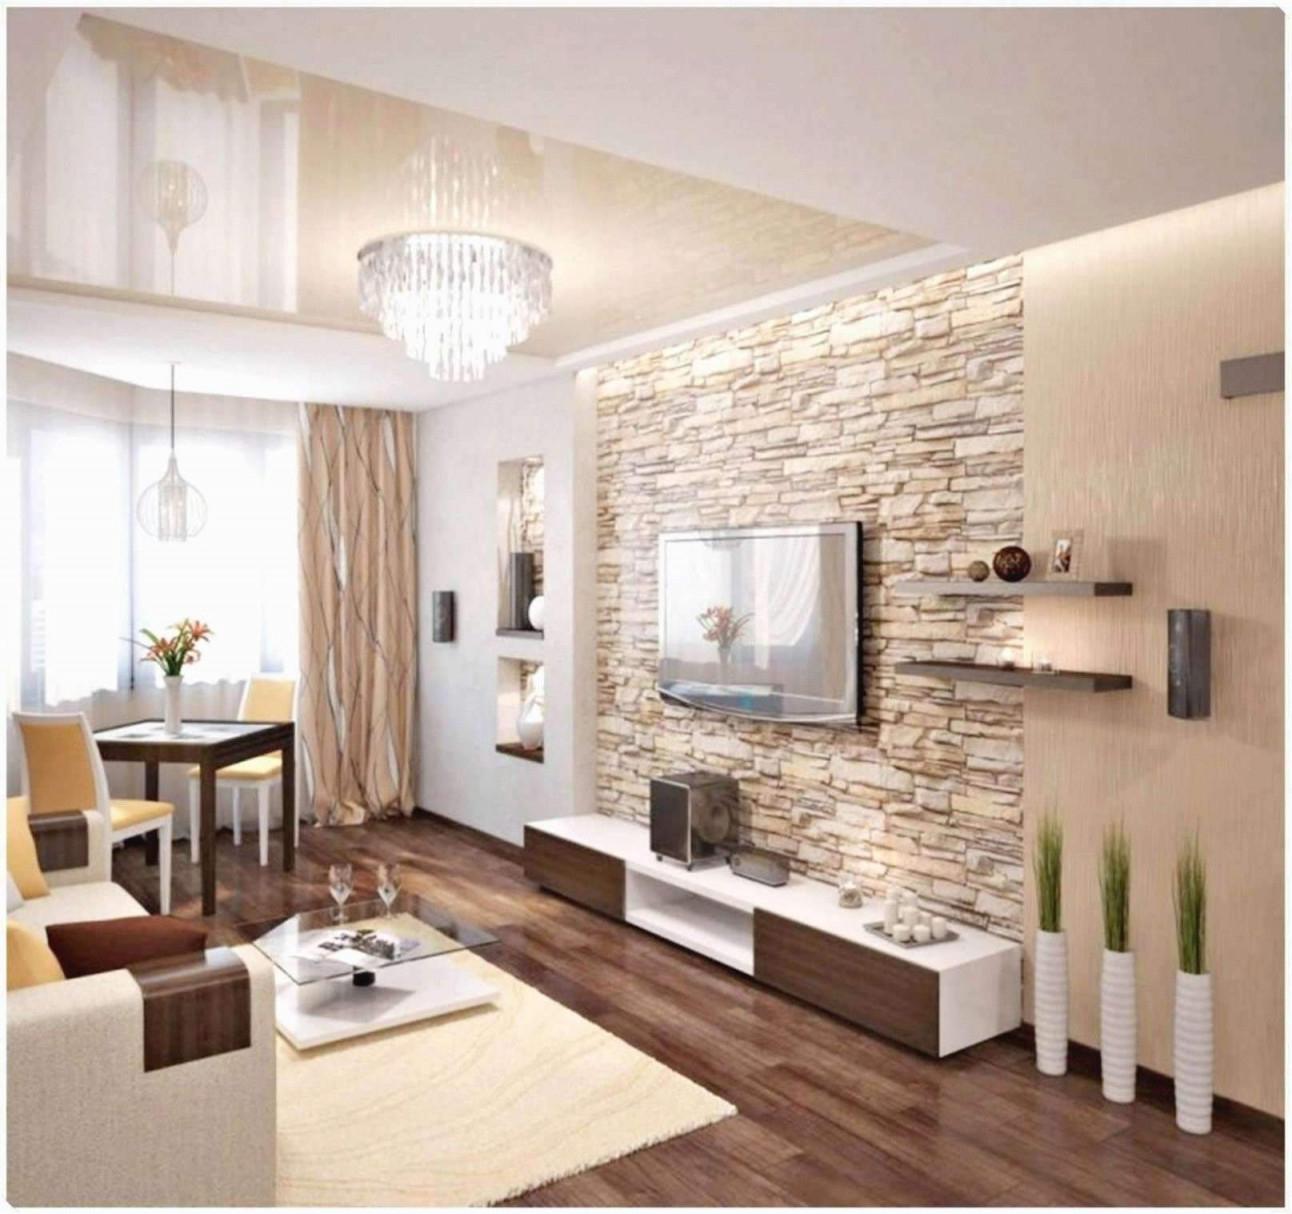 29 Luxus Wohnzimmer Einrichten Ideen Genial  Wohnzimmer Frisch von Wohnzimmer Einrichten Ideen Bild